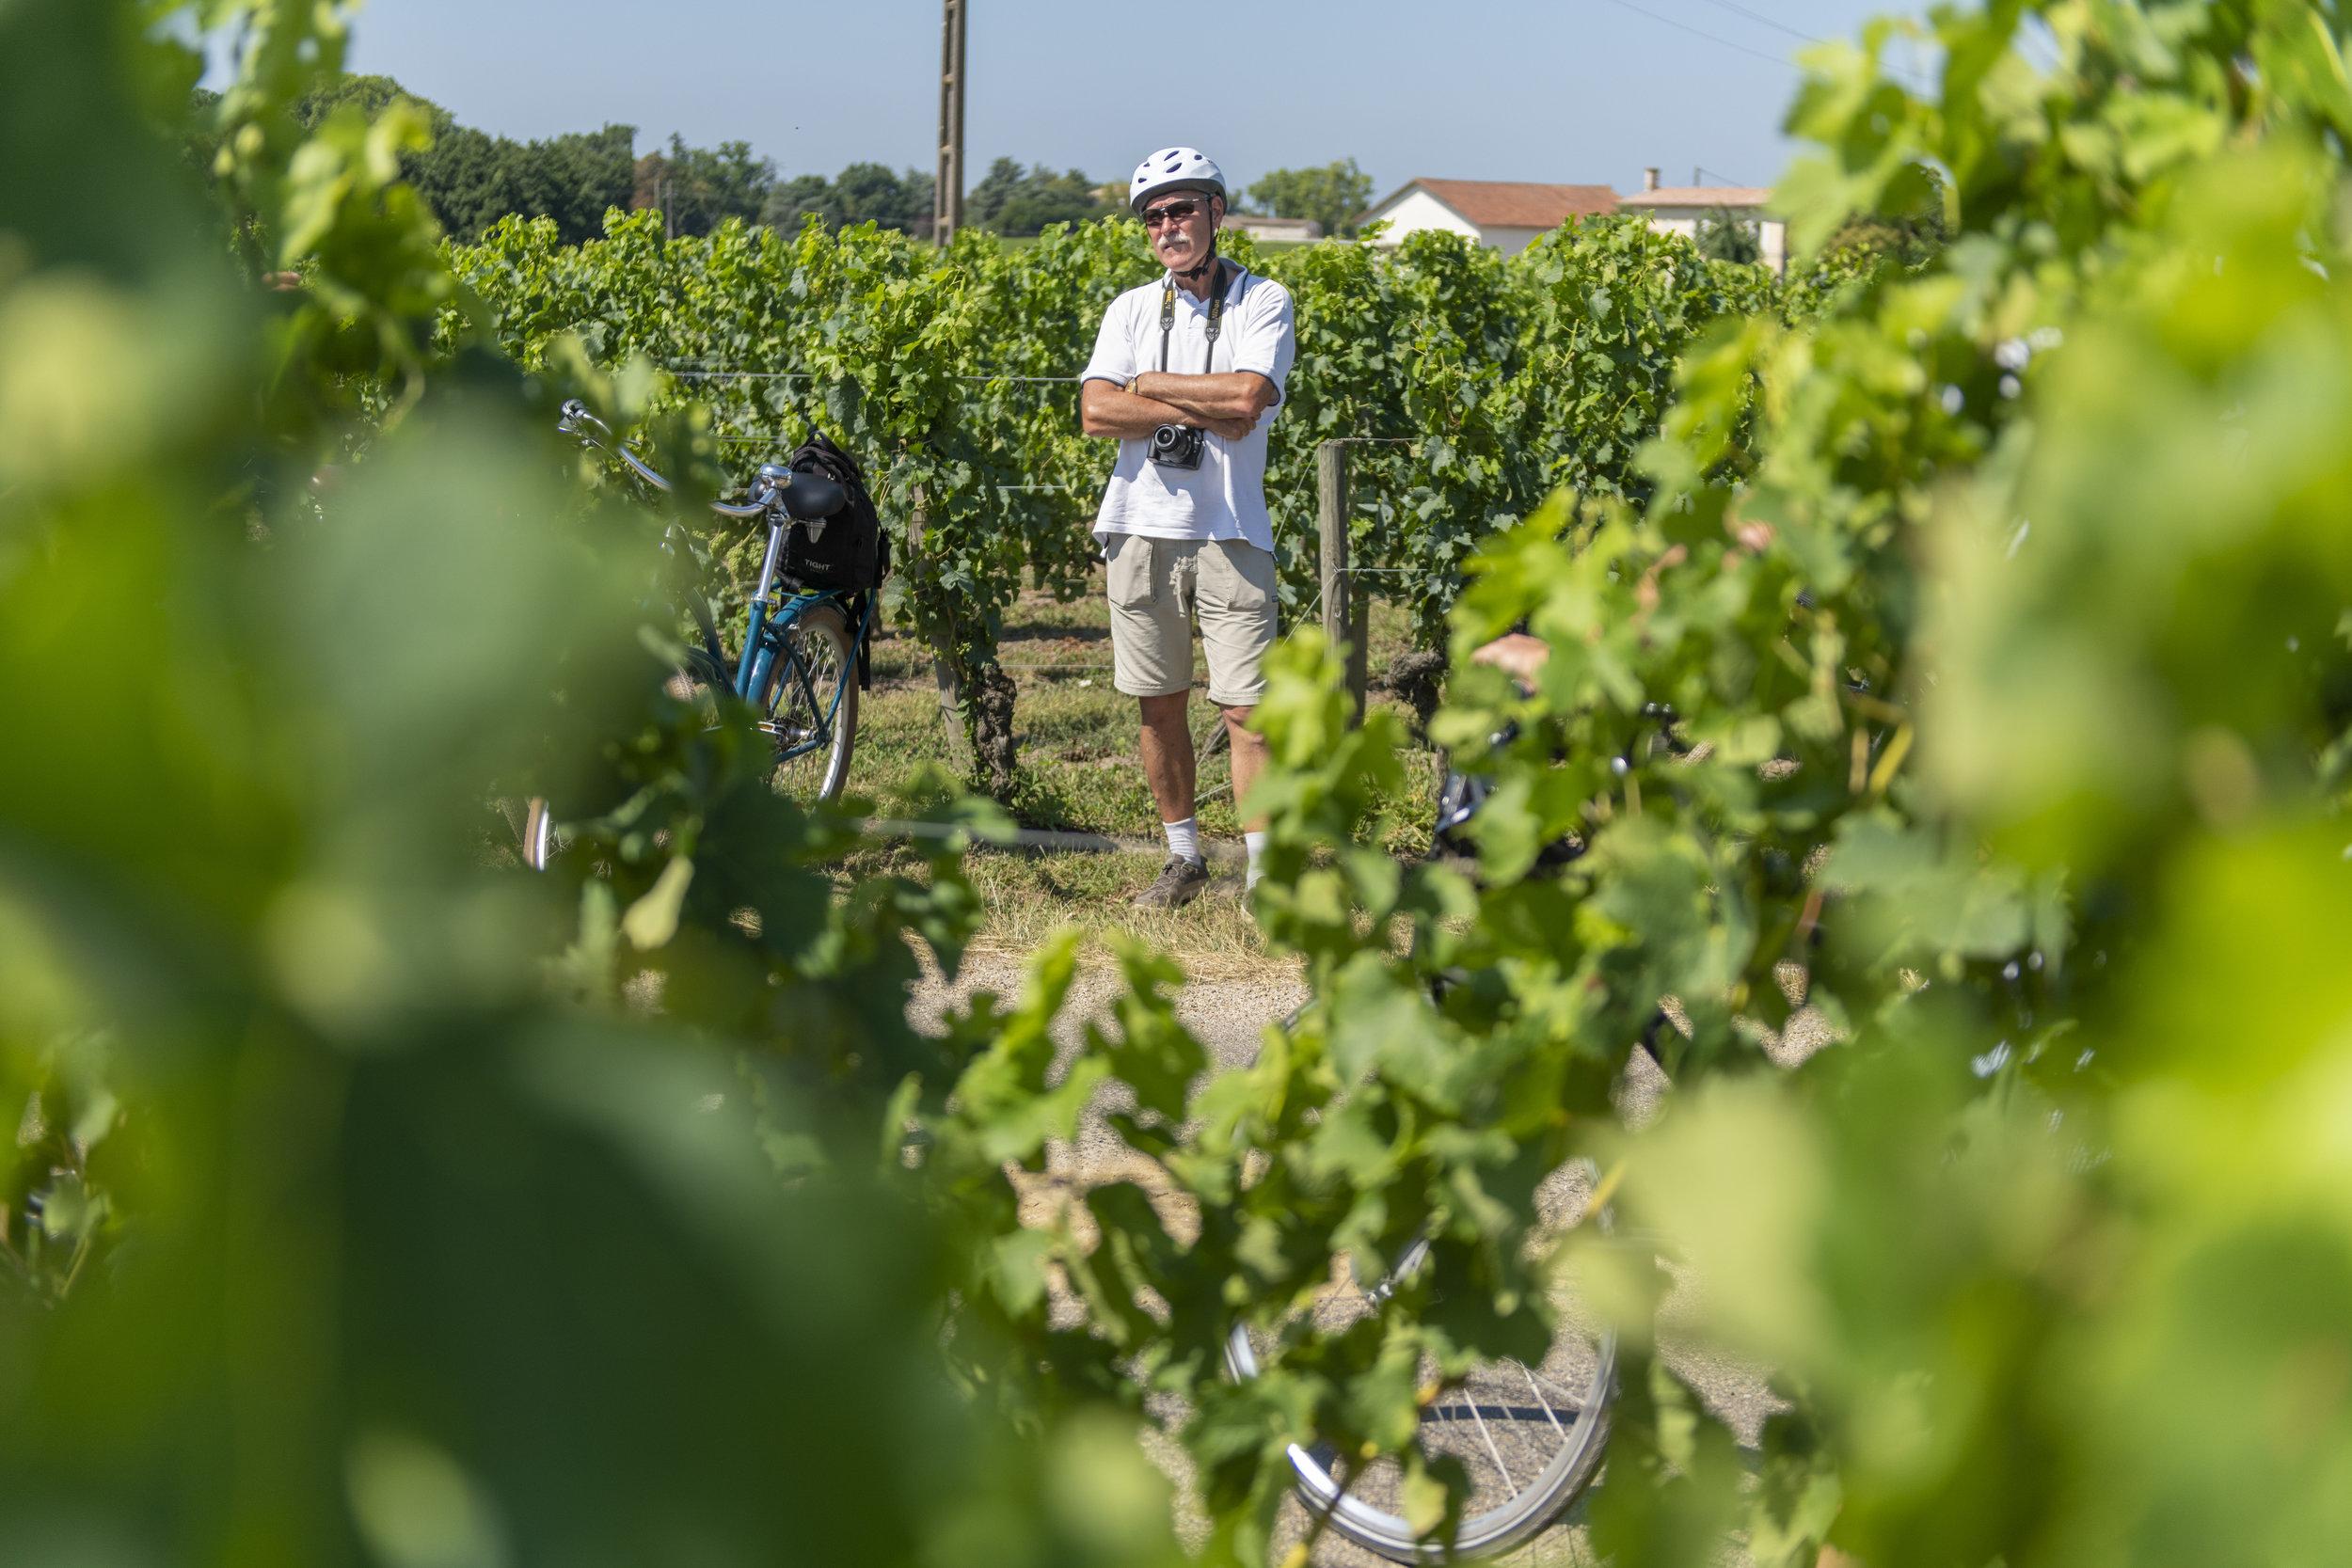 veneto - Prosecco Bike Ride